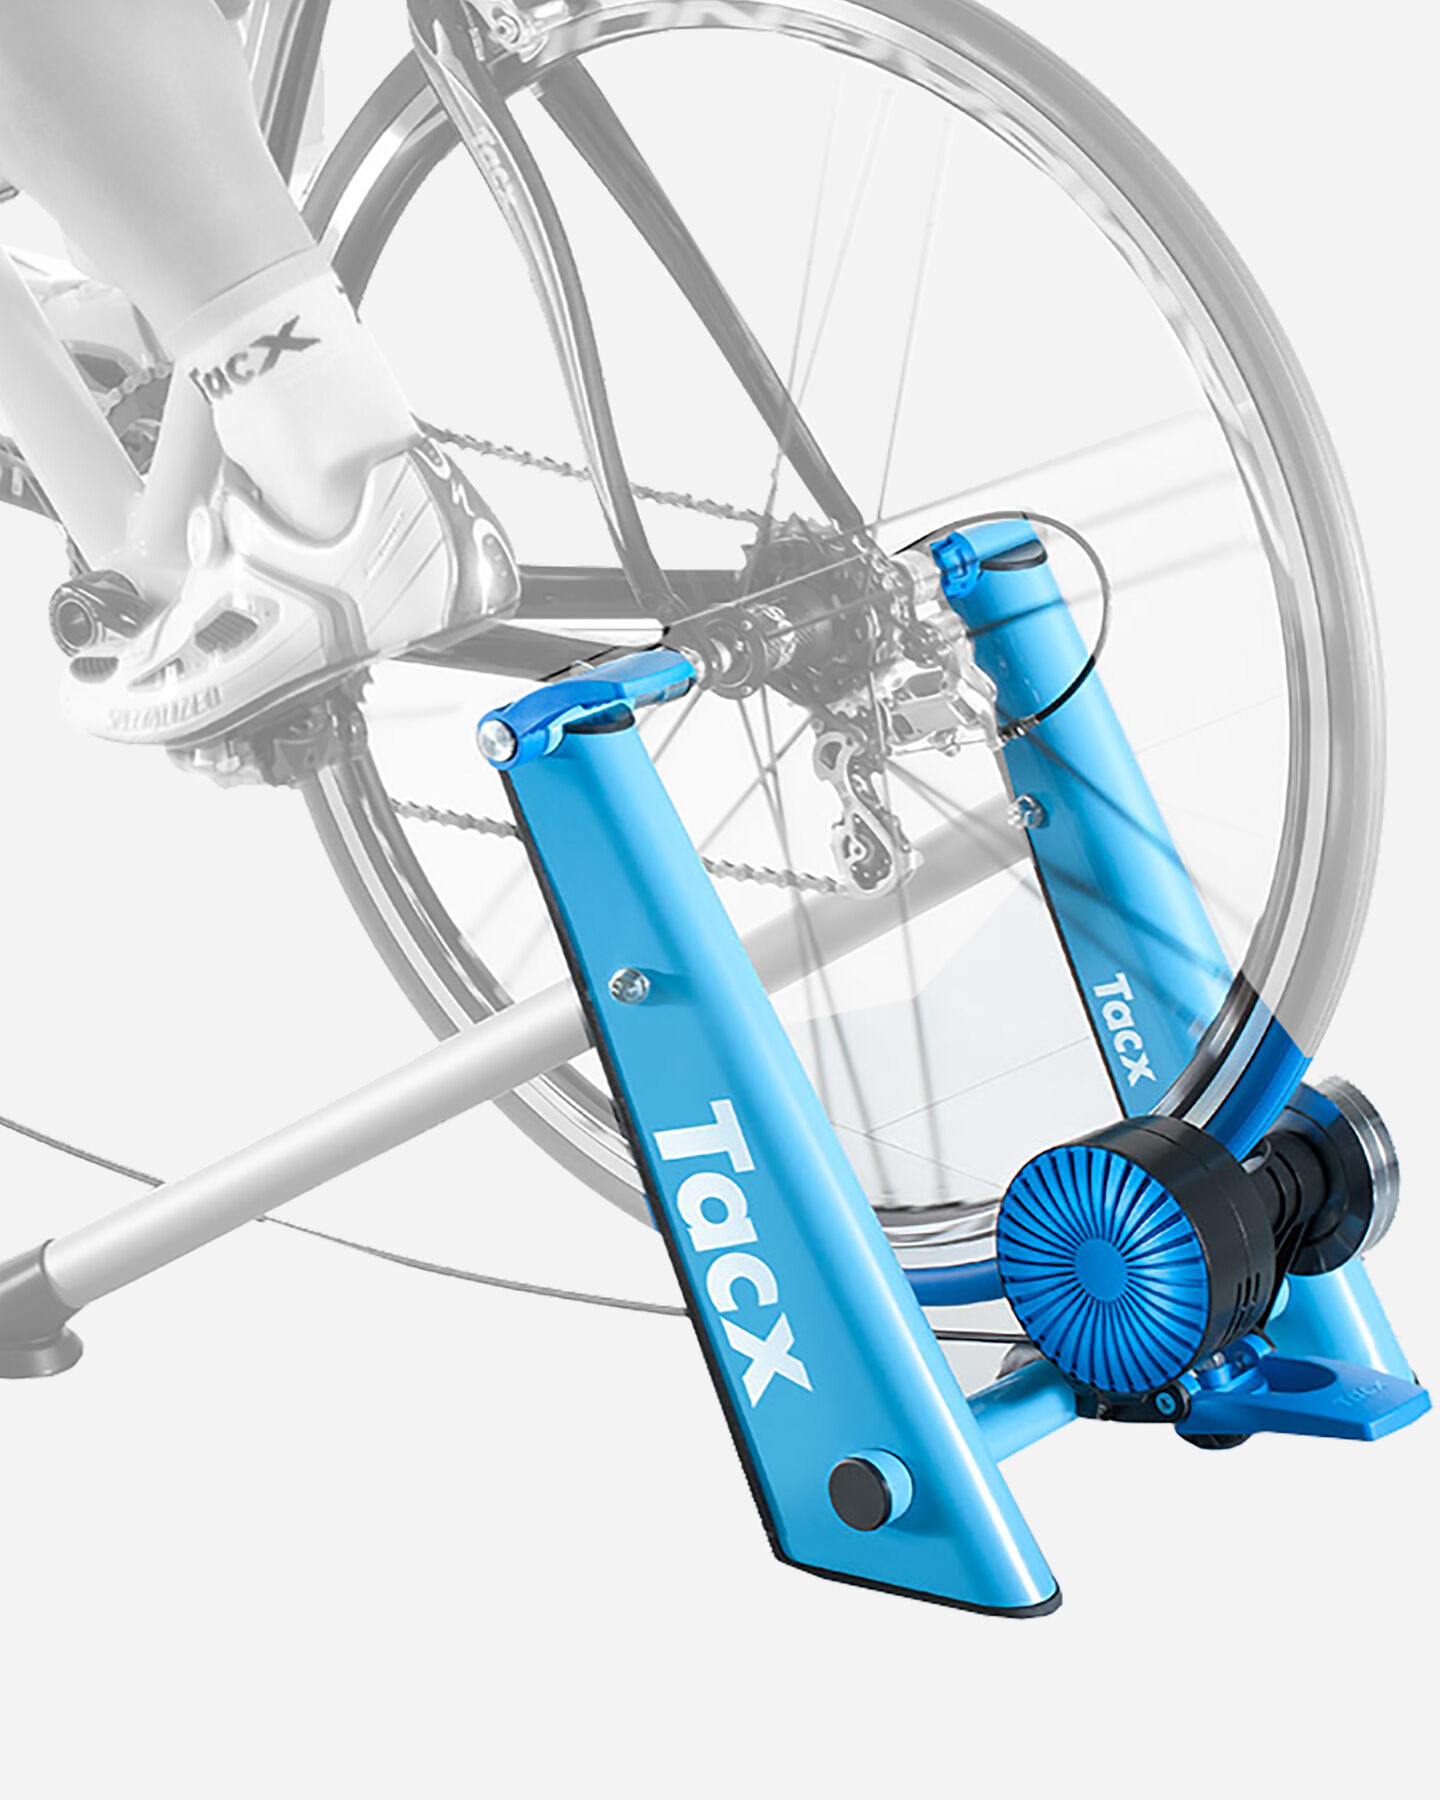 Rullo Bici TACX BLUEMATIC BASIC S4079346 1 UNI scatto 5